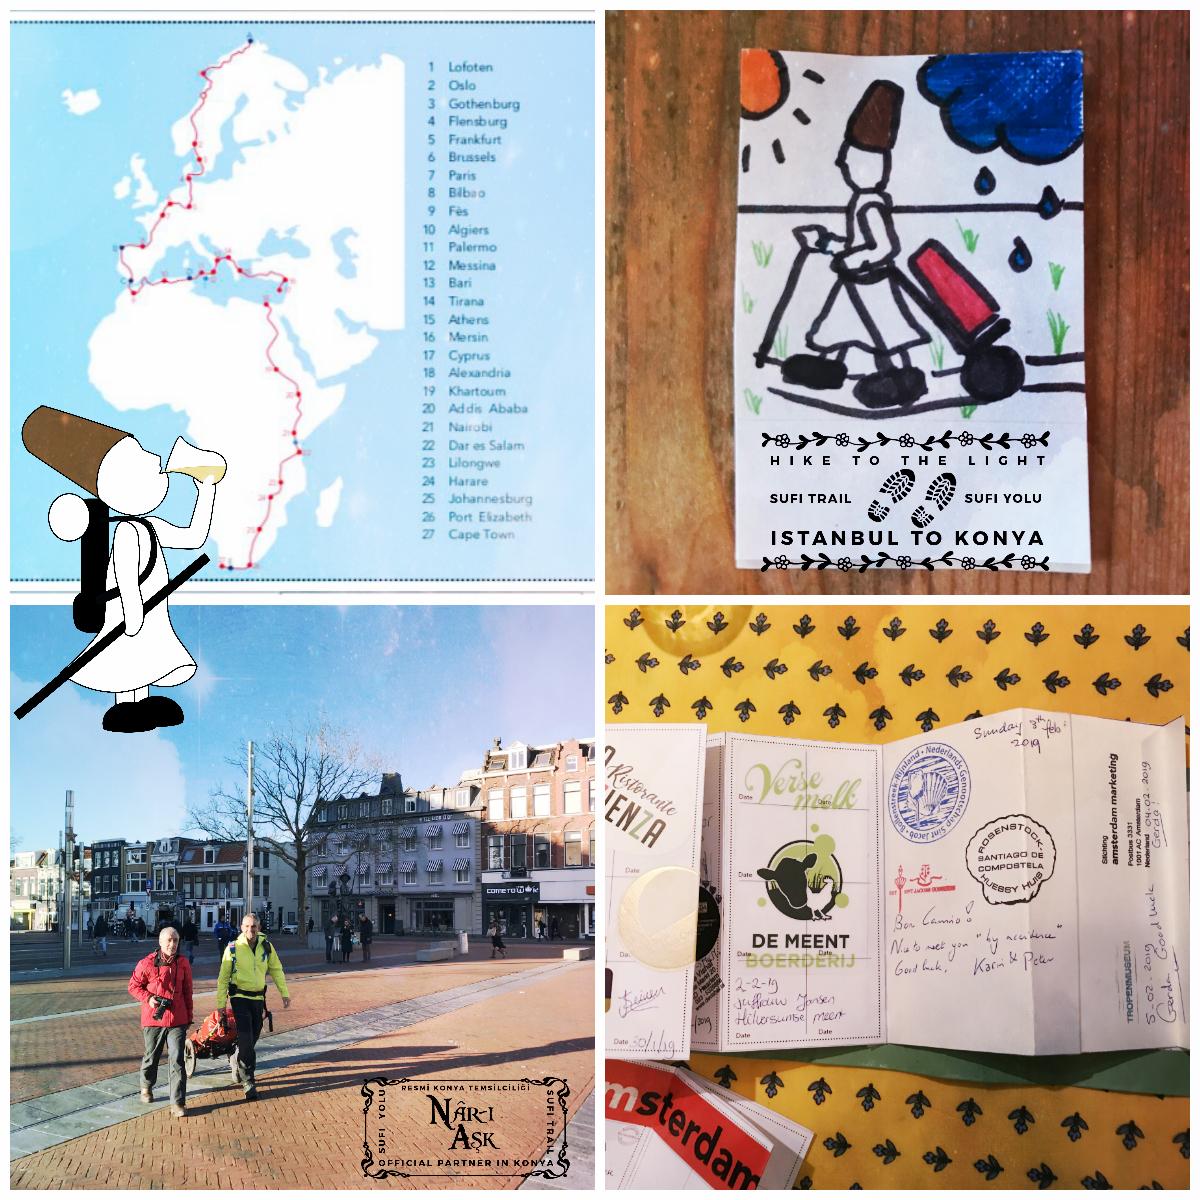 Een collage. Onder andere de route die Thair Abud loopt van de Noordkaap naar Kaapstad en zijn indrukwekkende paspoort met stempels